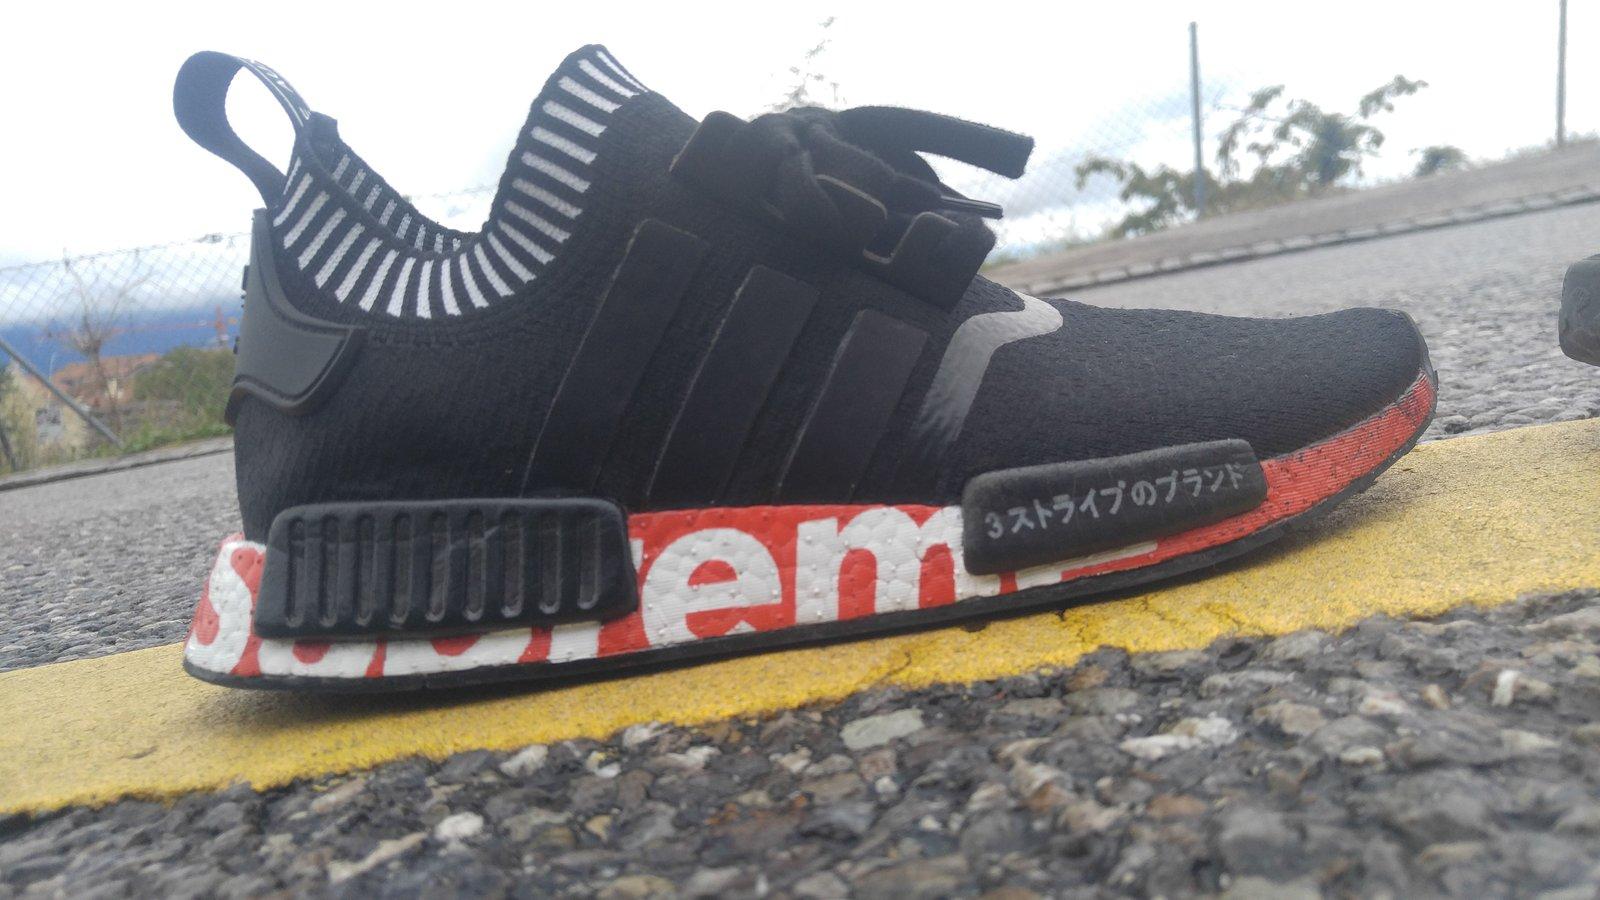 KicksByKarl — Supreme x Adidas NMD